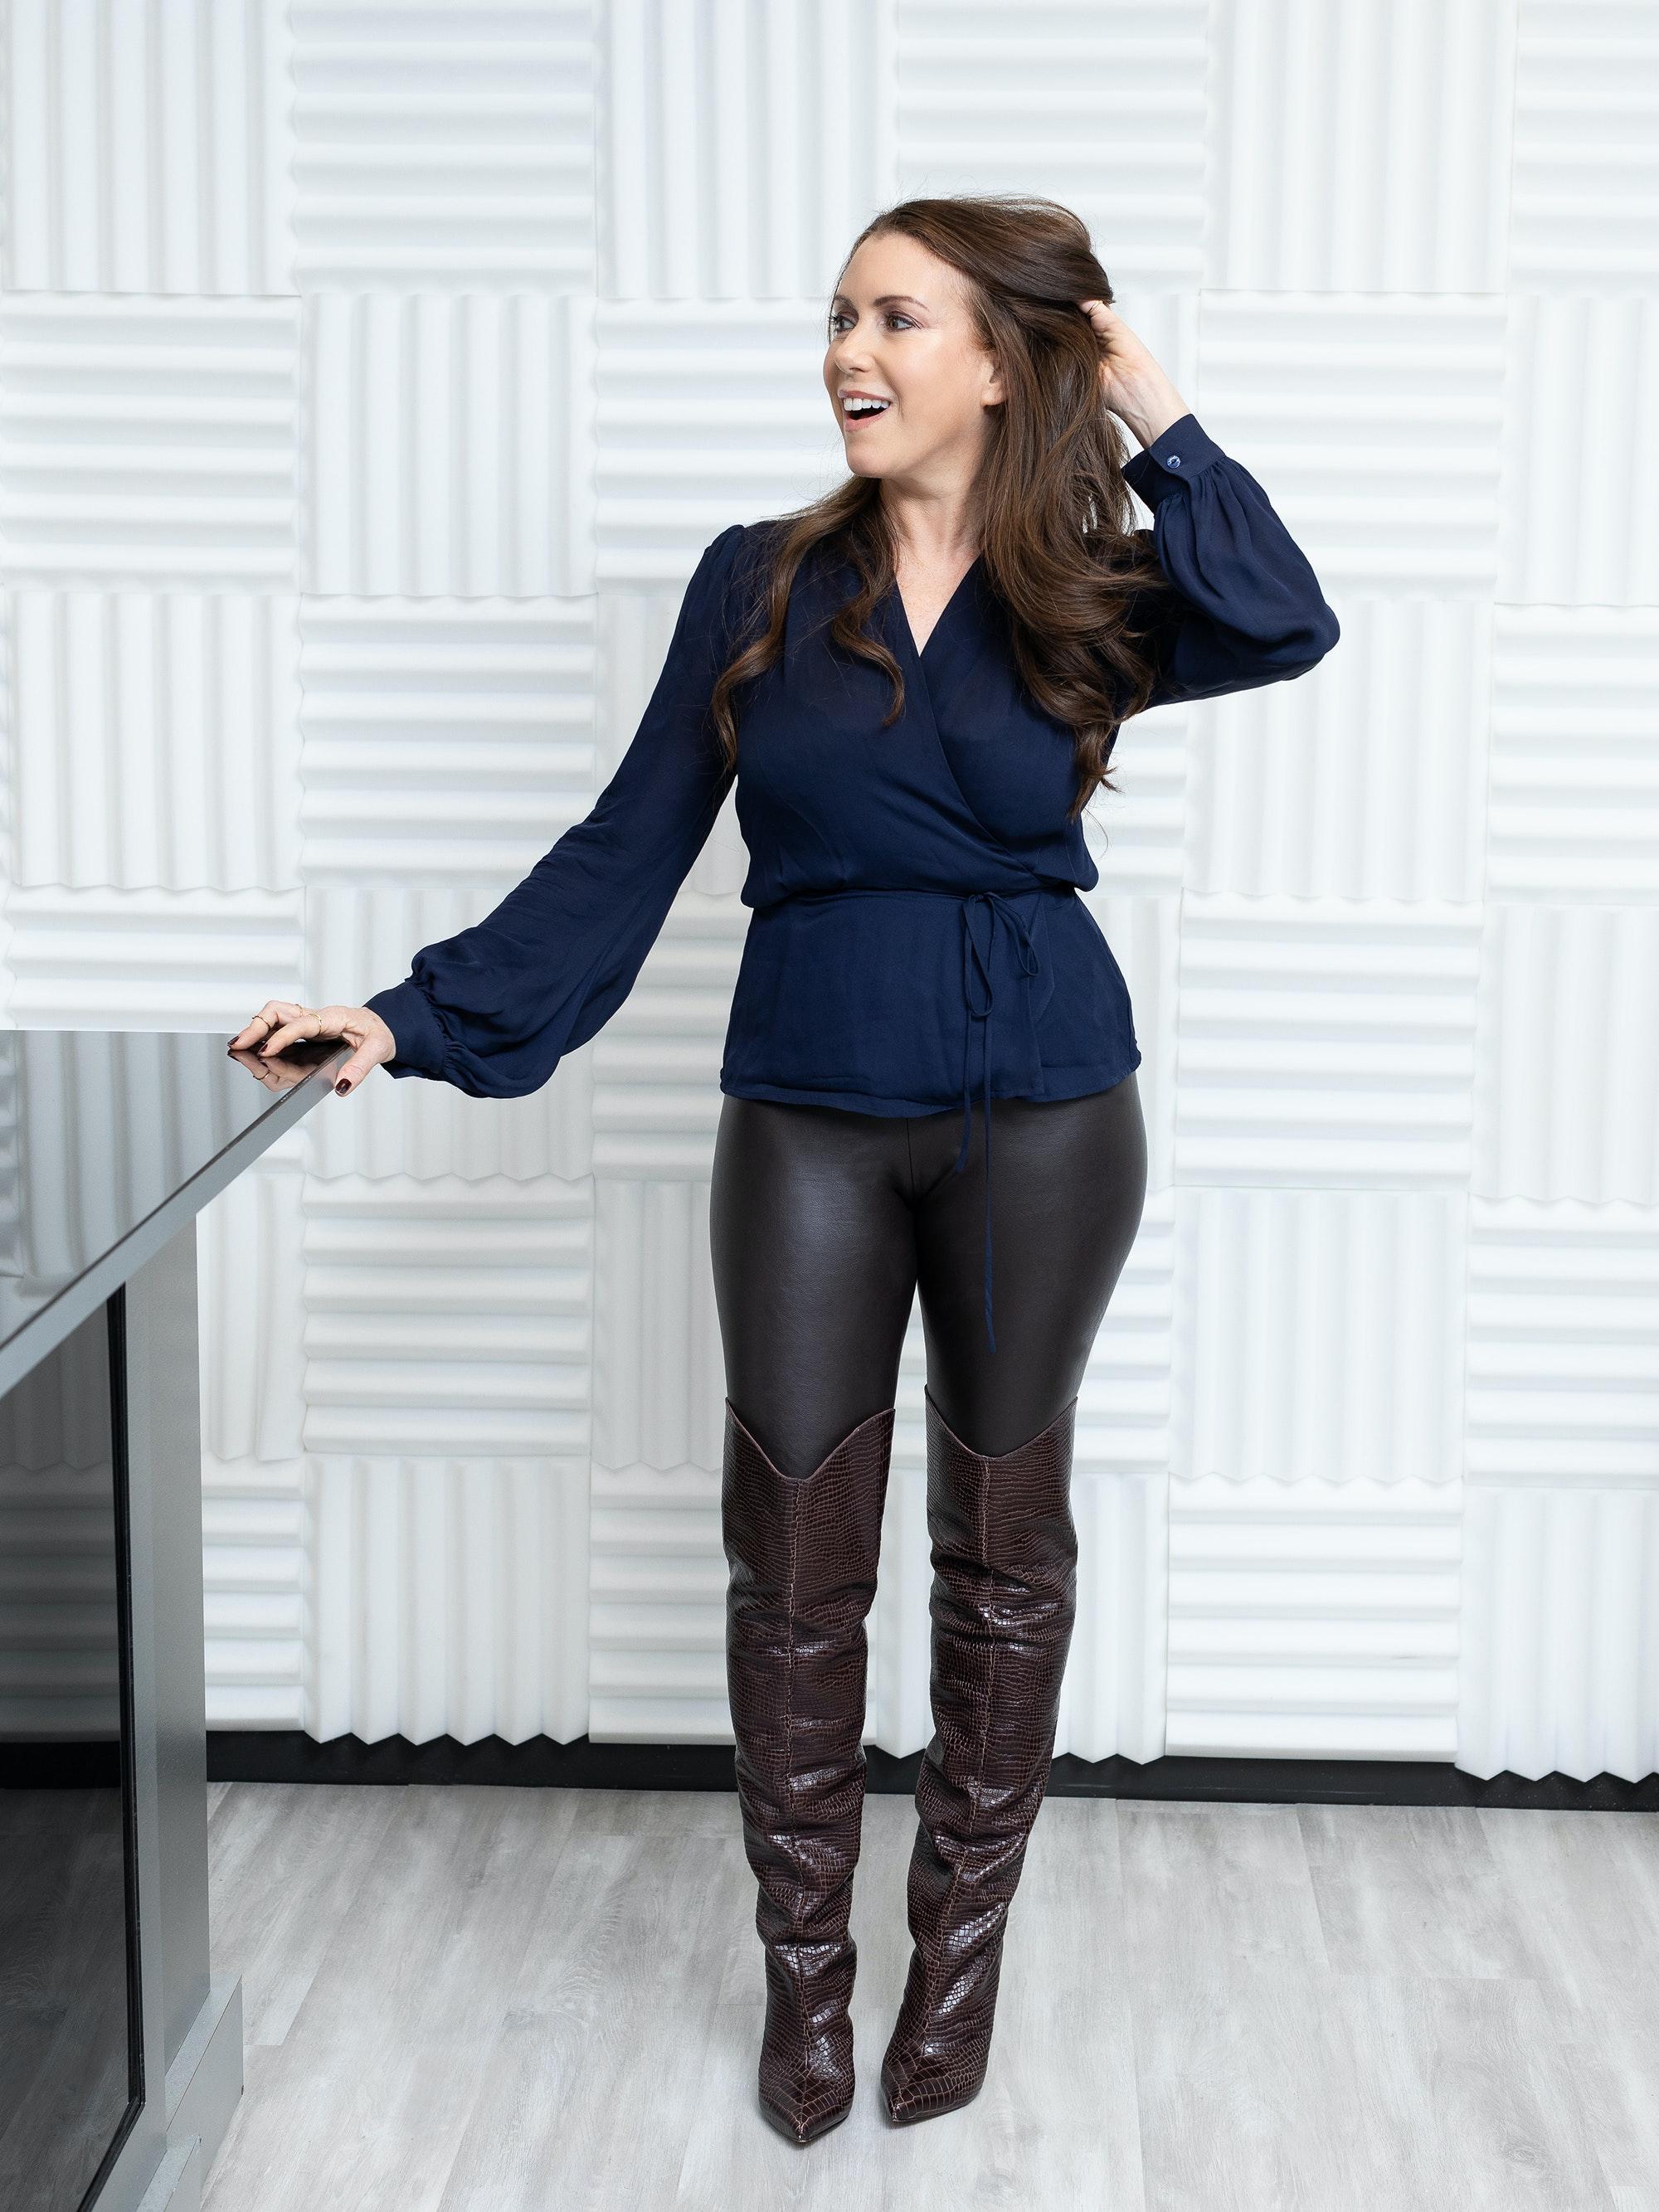 Gwen Flamberg standing